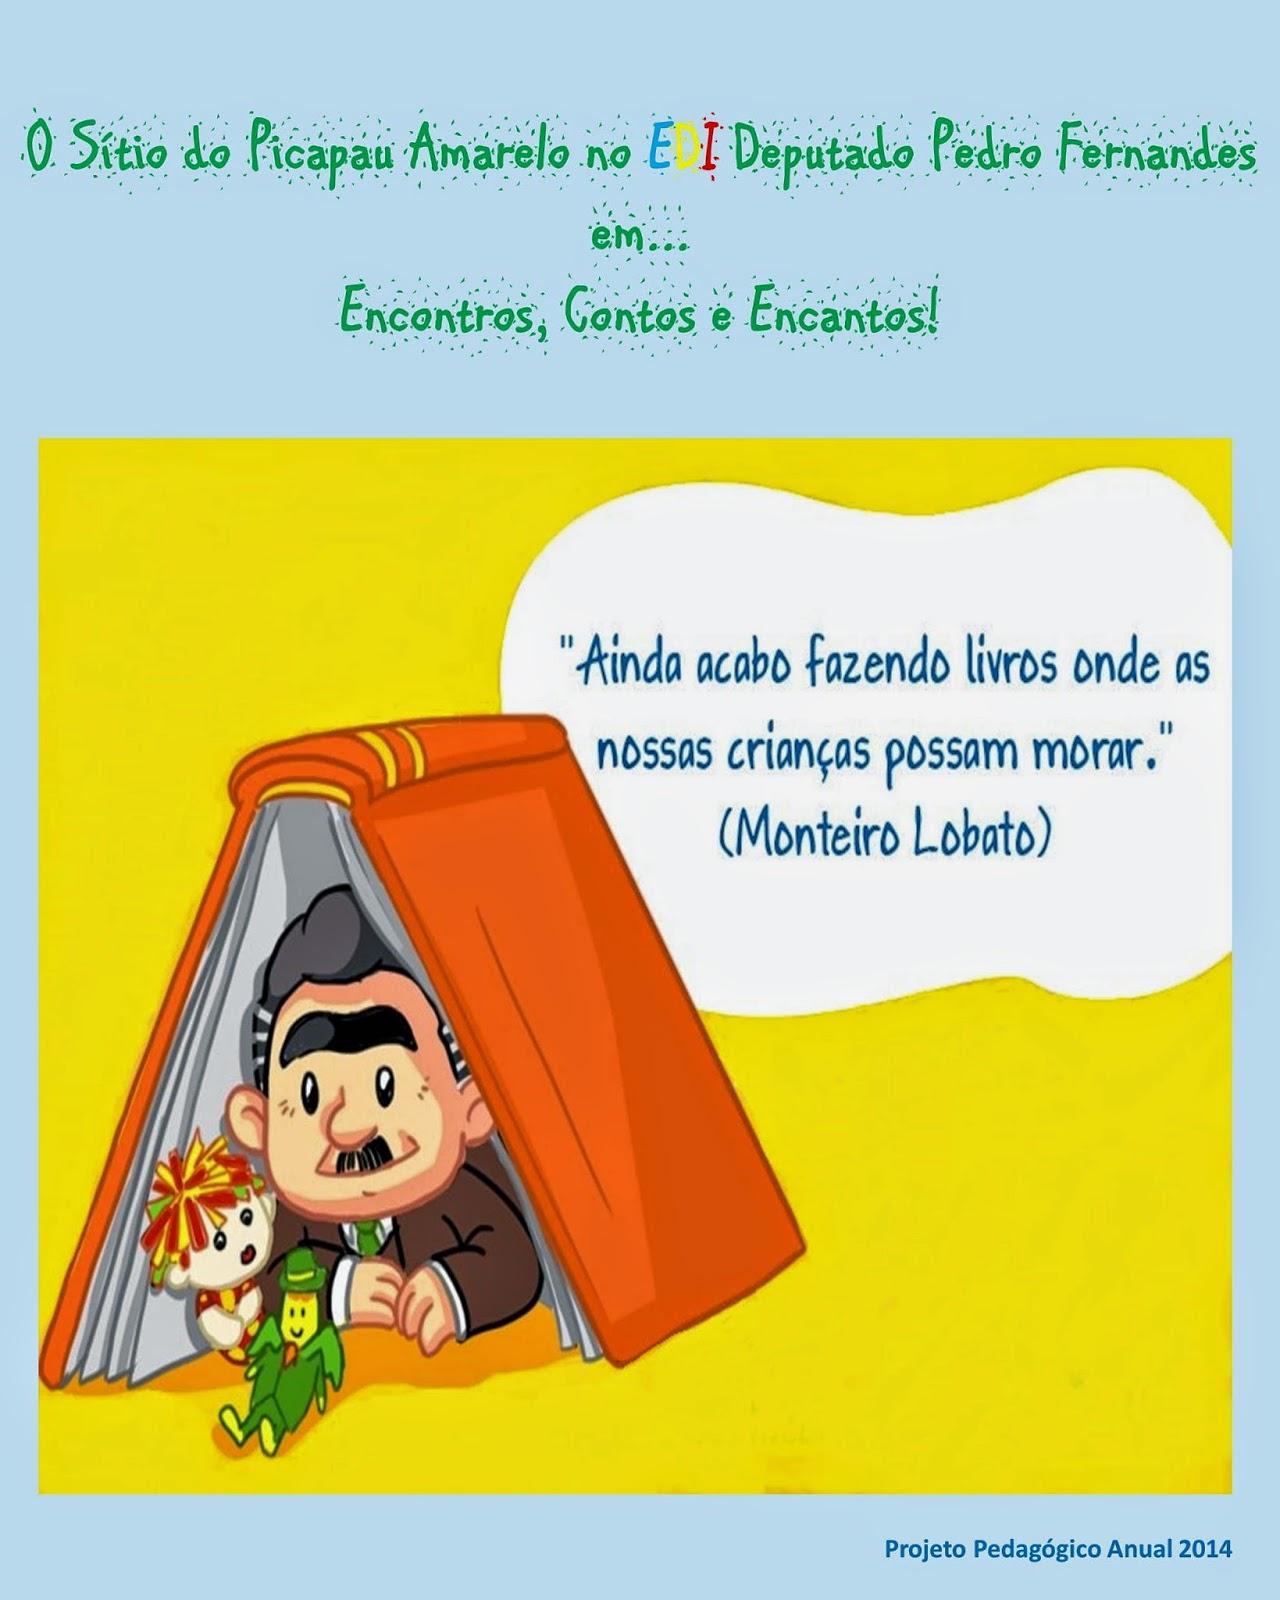 Monteiro Lobato Frases Hj68 Ivango